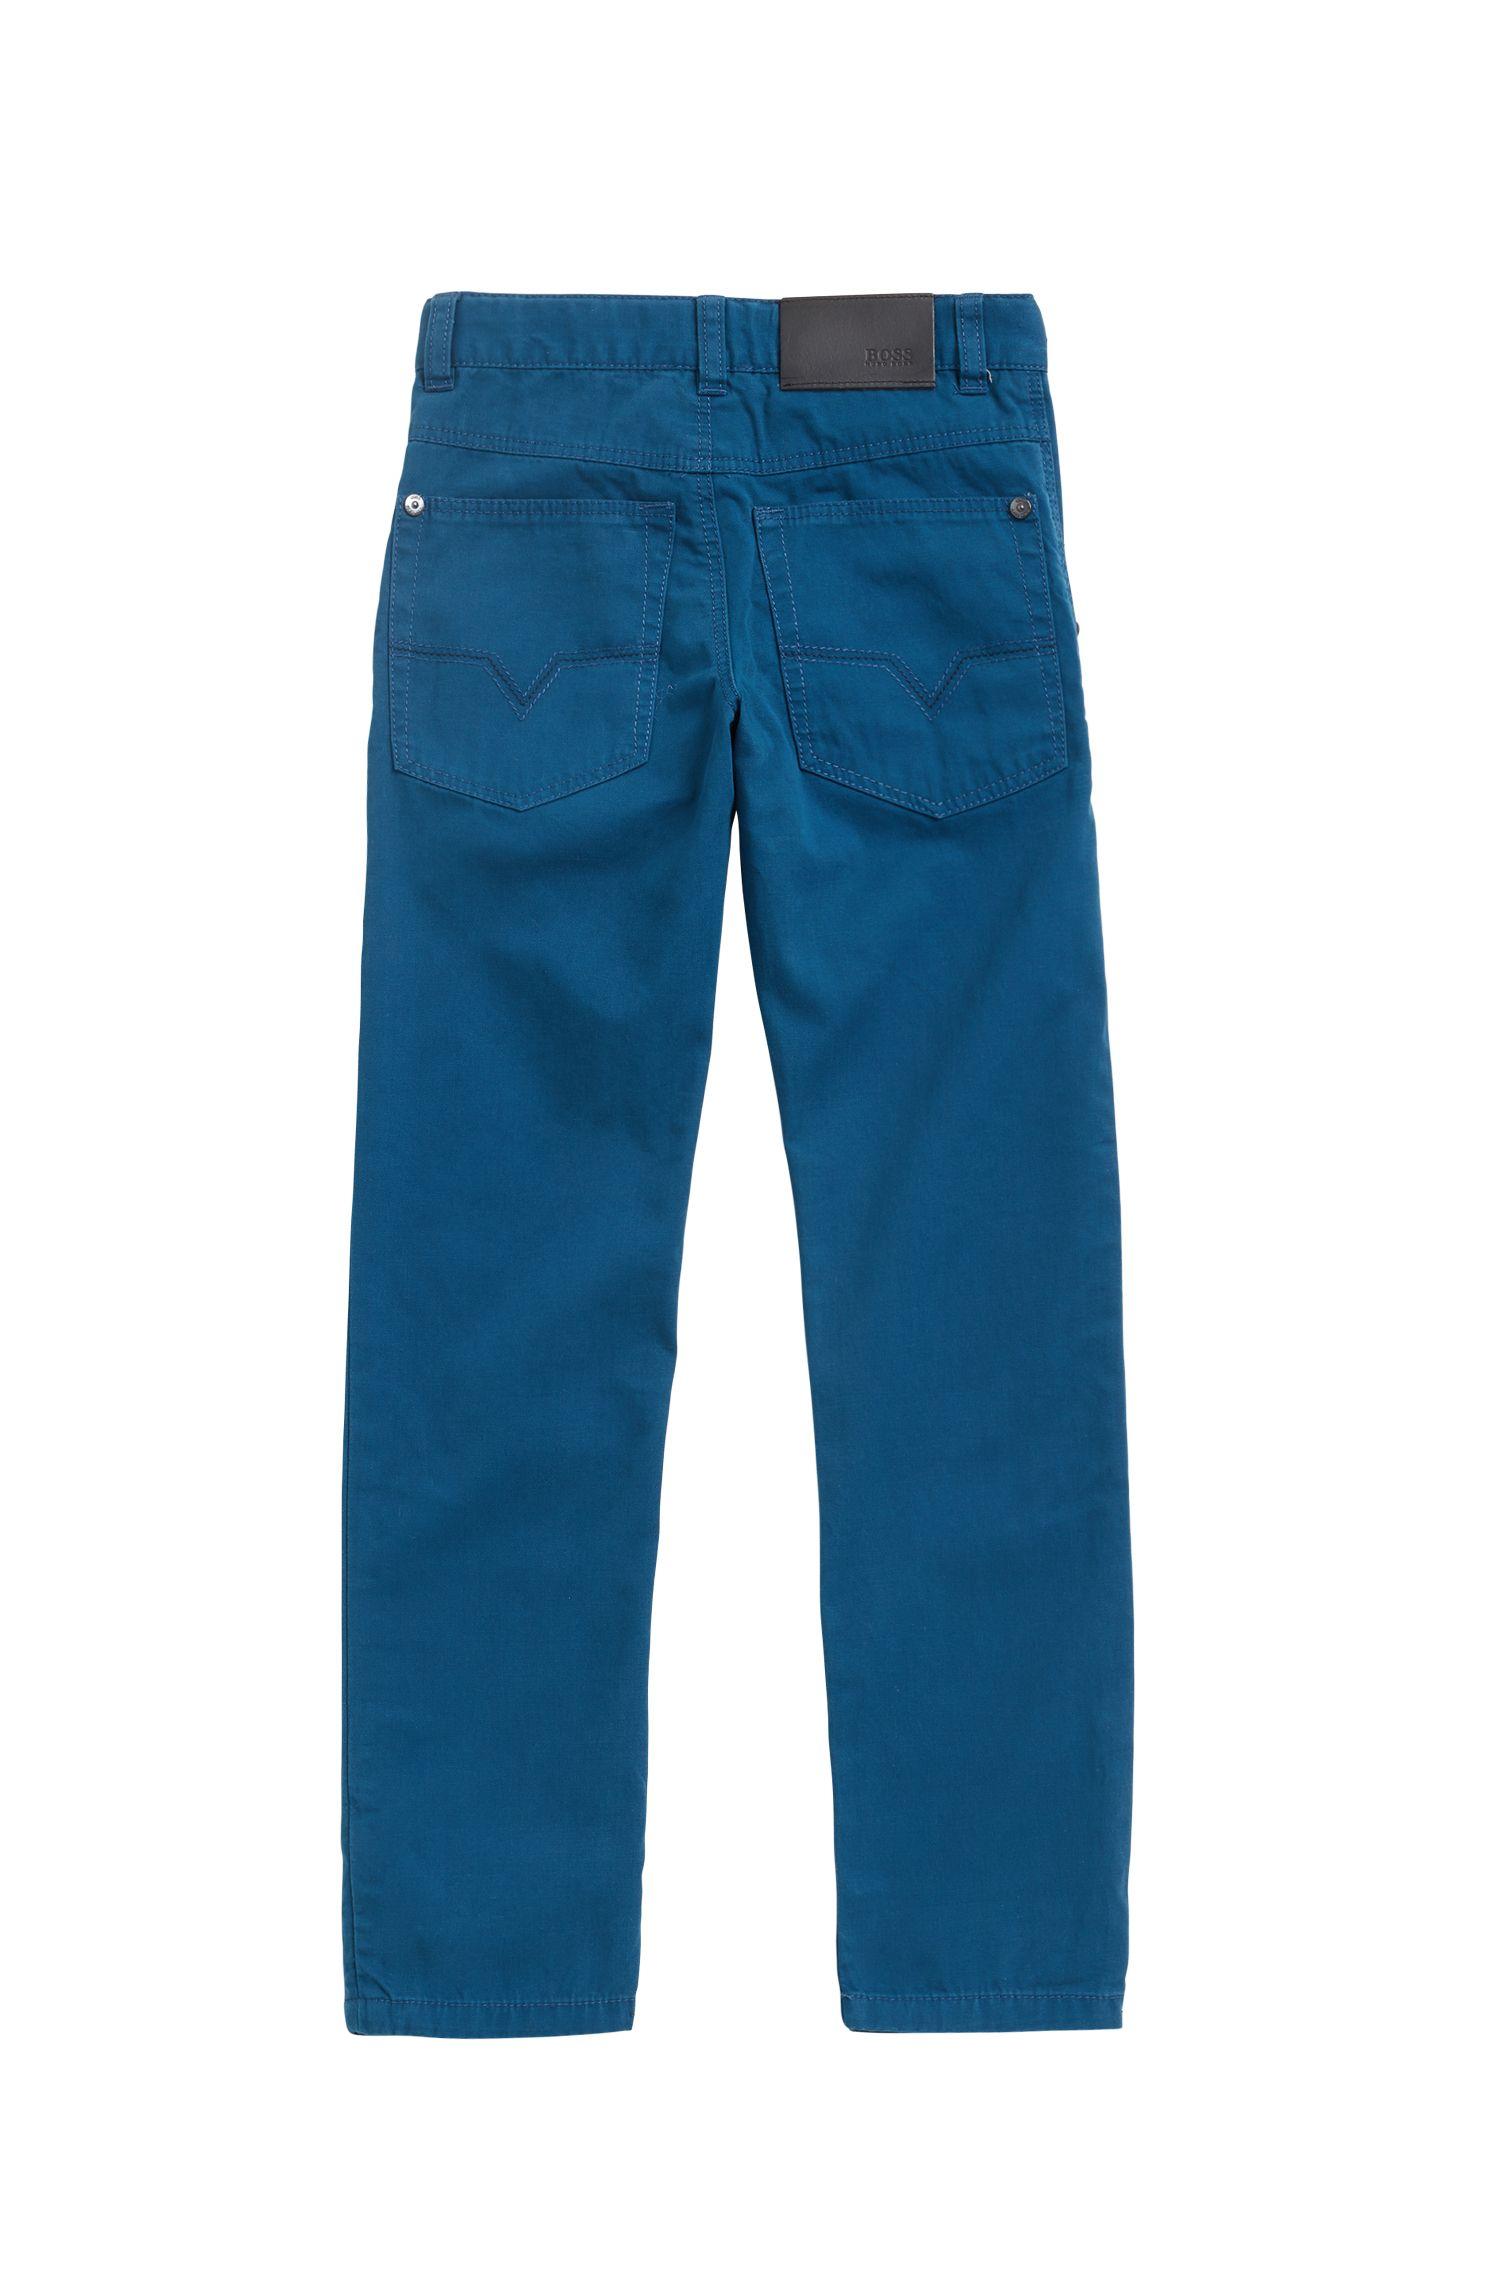 Pantalon en twill de coton avec étiquette logo drapeau en cuir pour enfants, Bleu